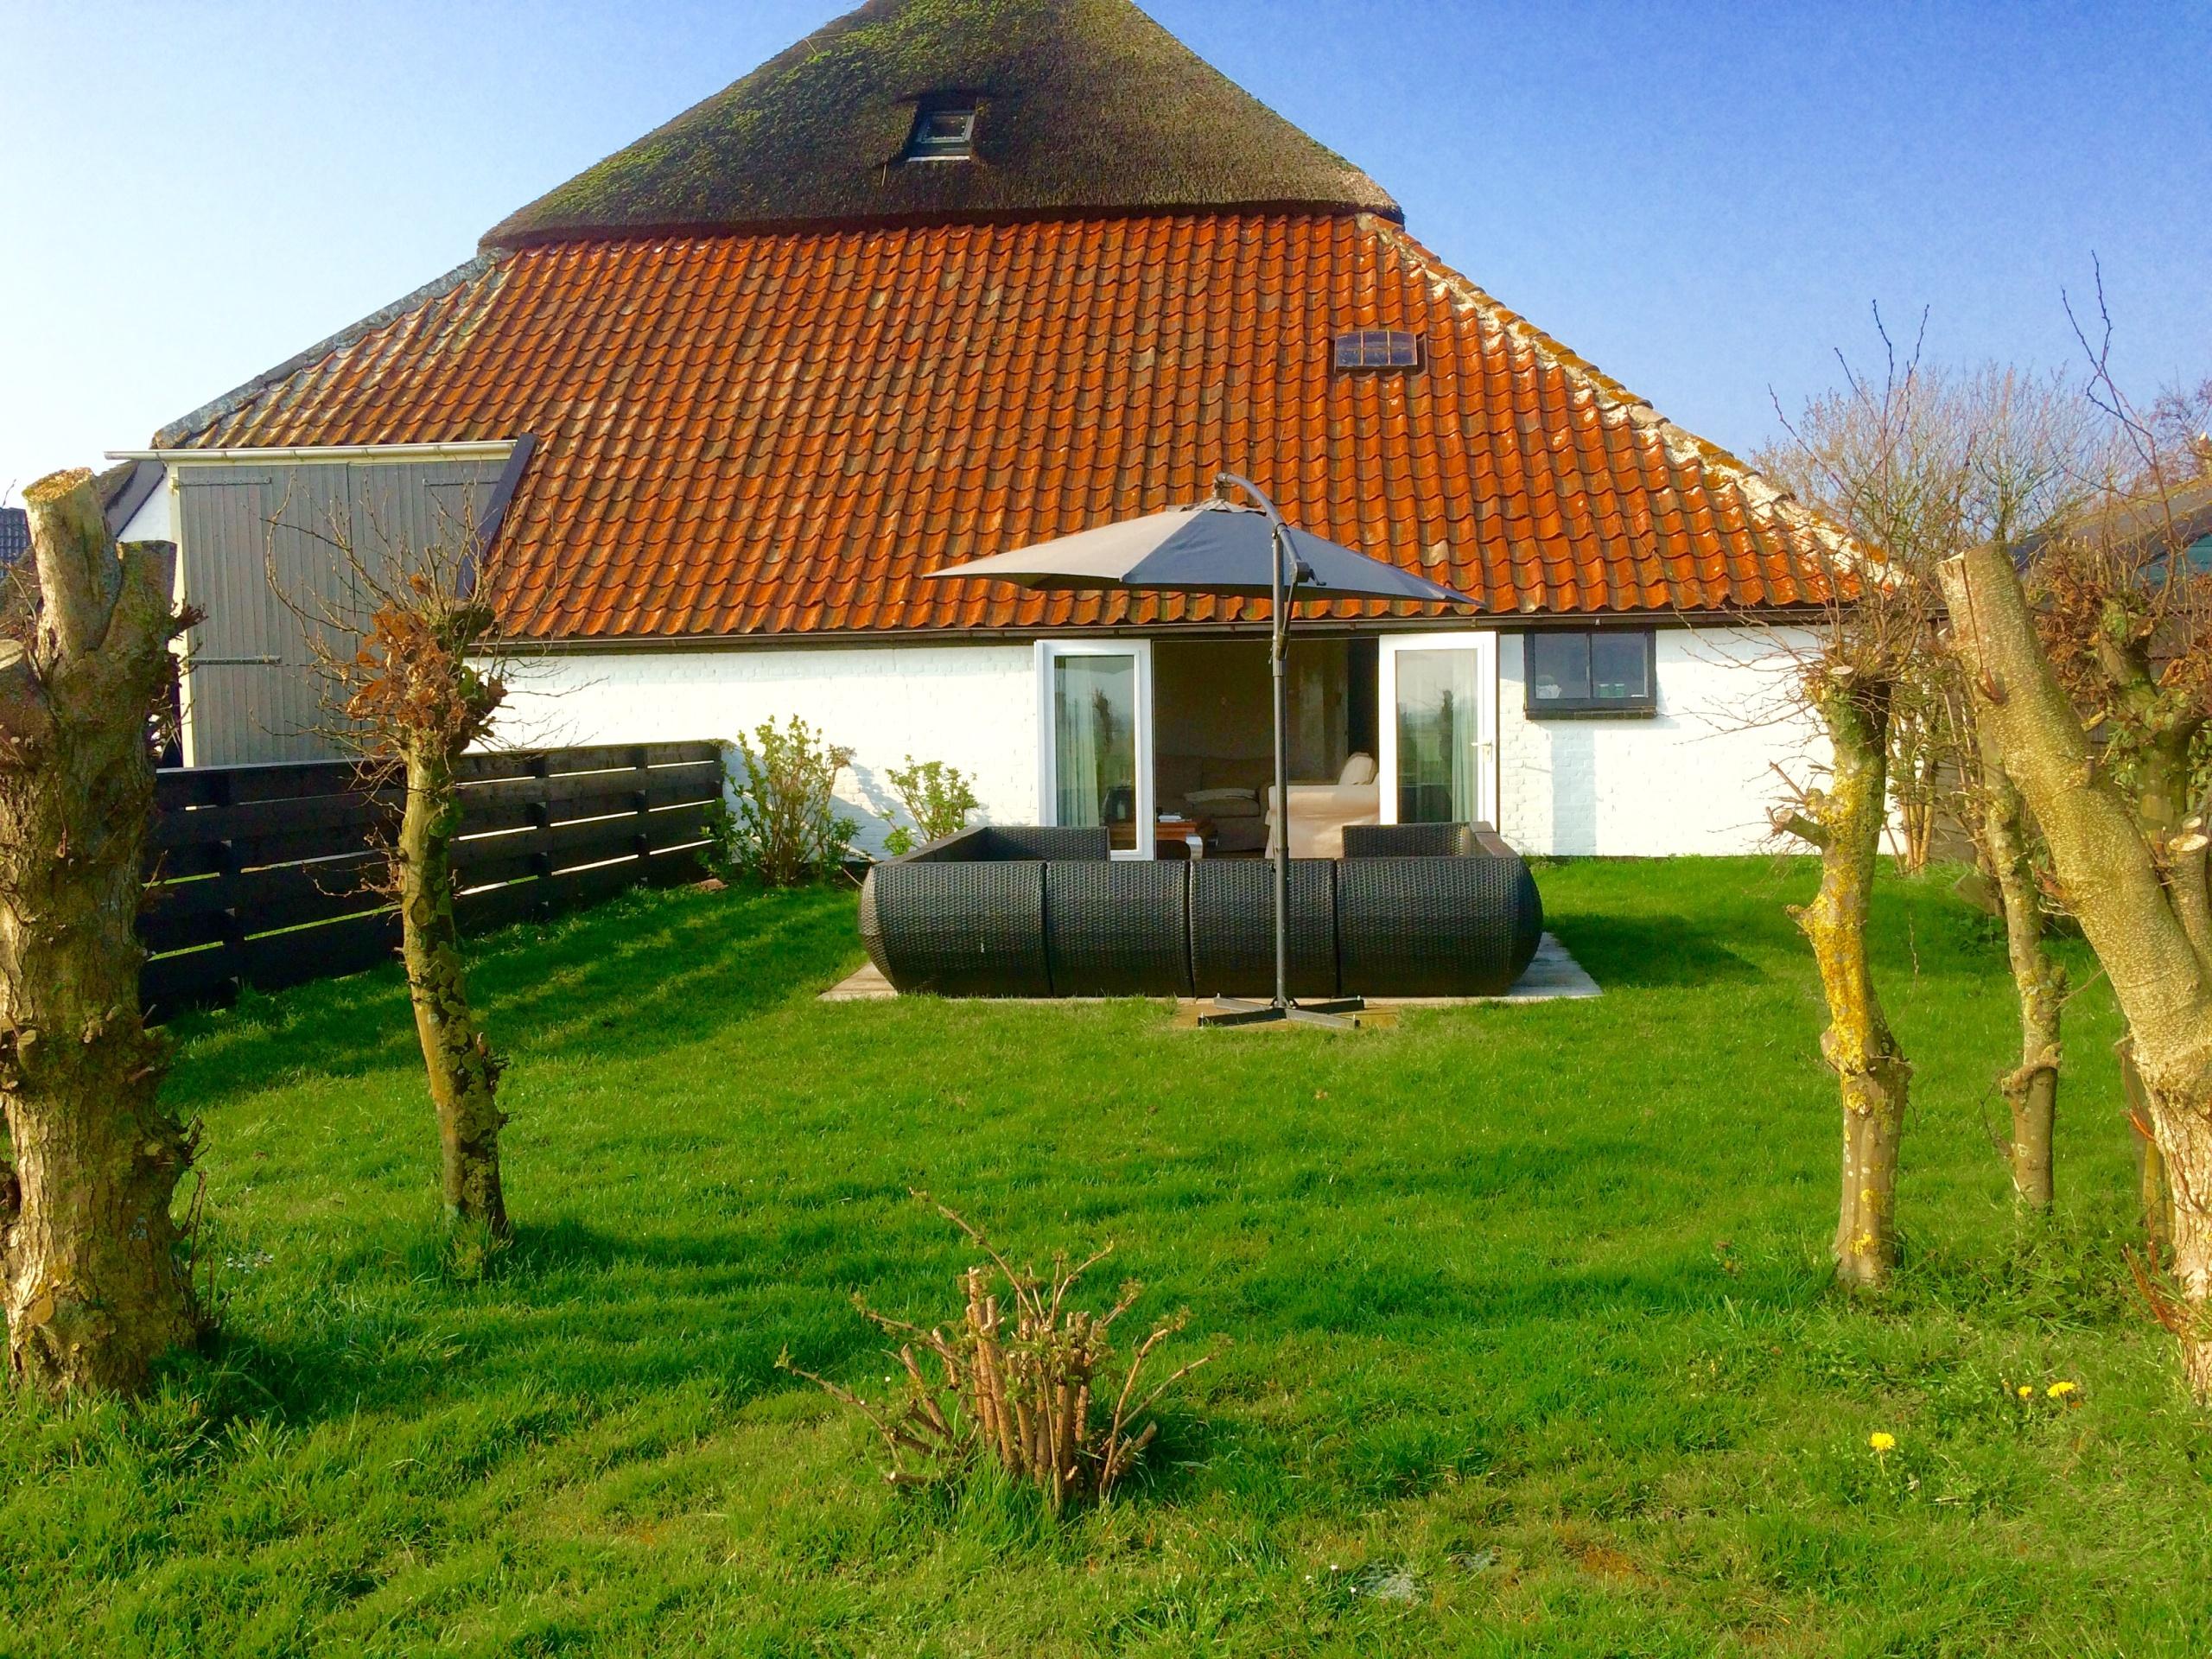 Attraktive Wohnung mit umzäuntem Garten und wunderschönem Panoramablick in der Nähe von Den Hoorn